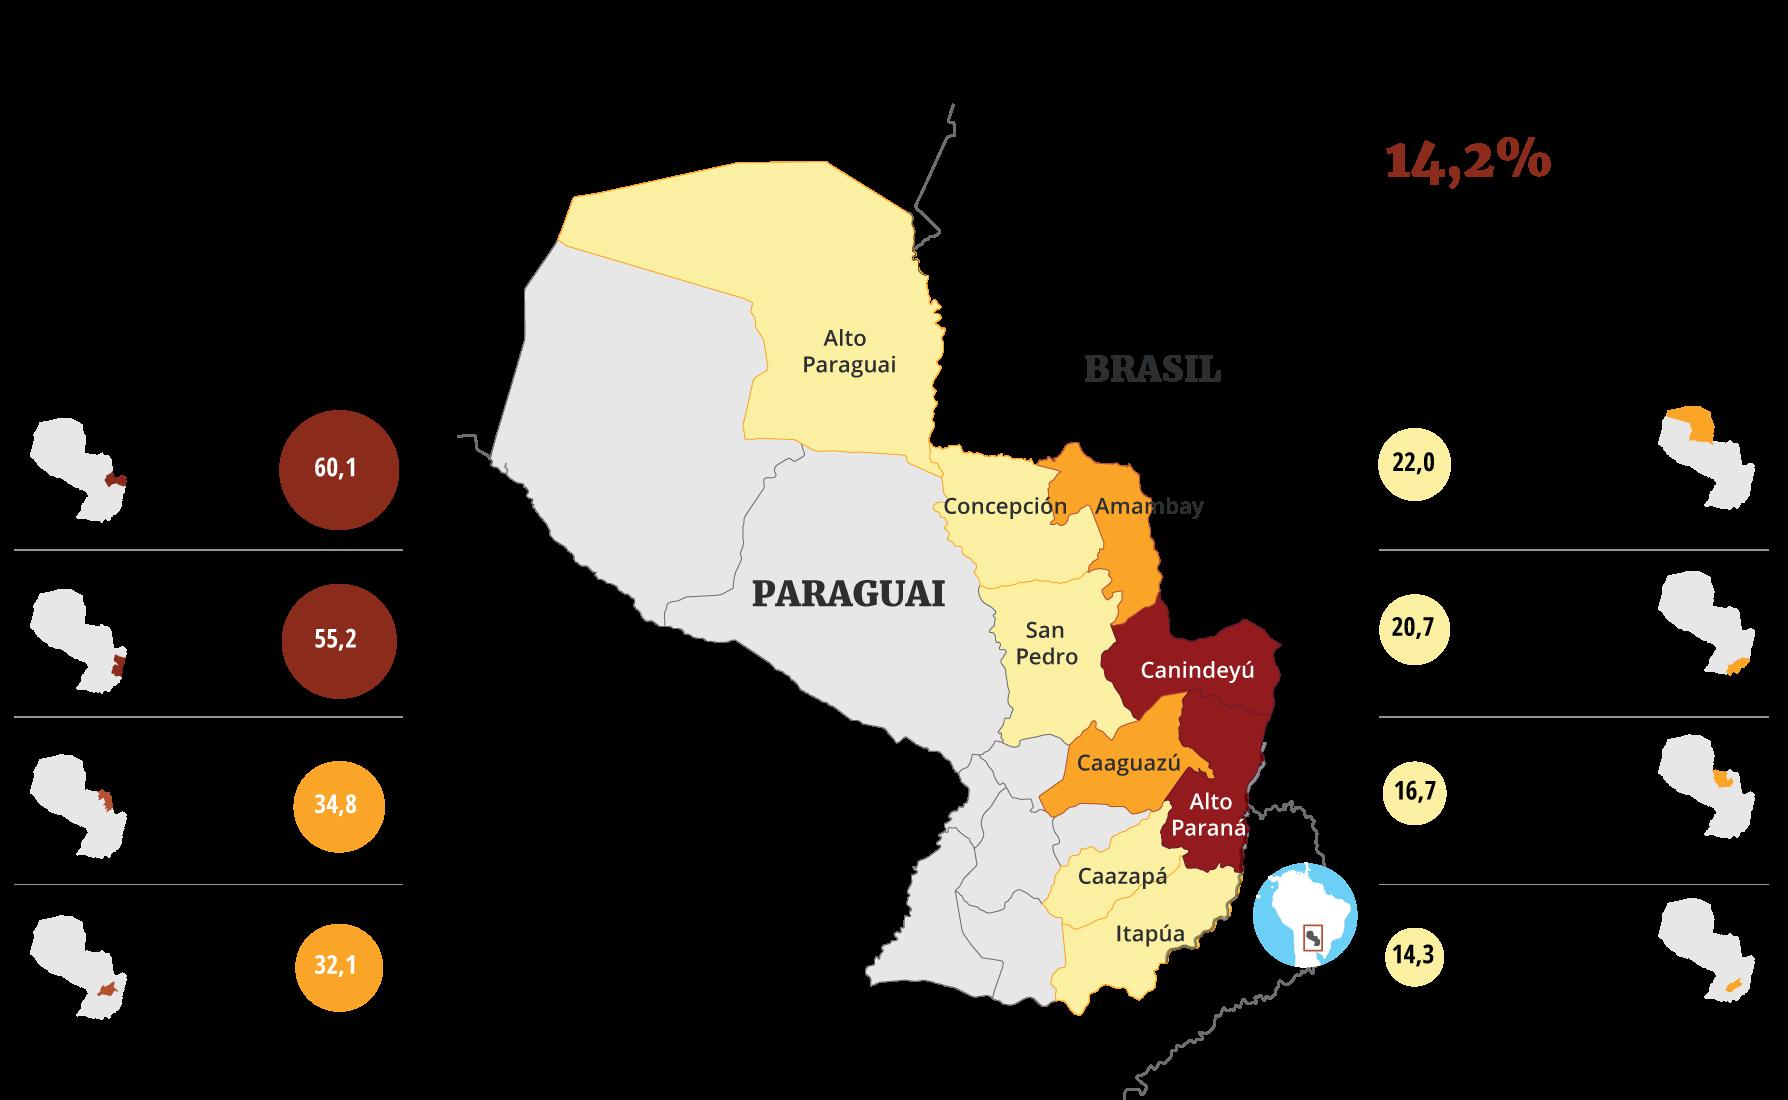 Esses são os departamentos onde eles têm maior participação no total de títulos de terras